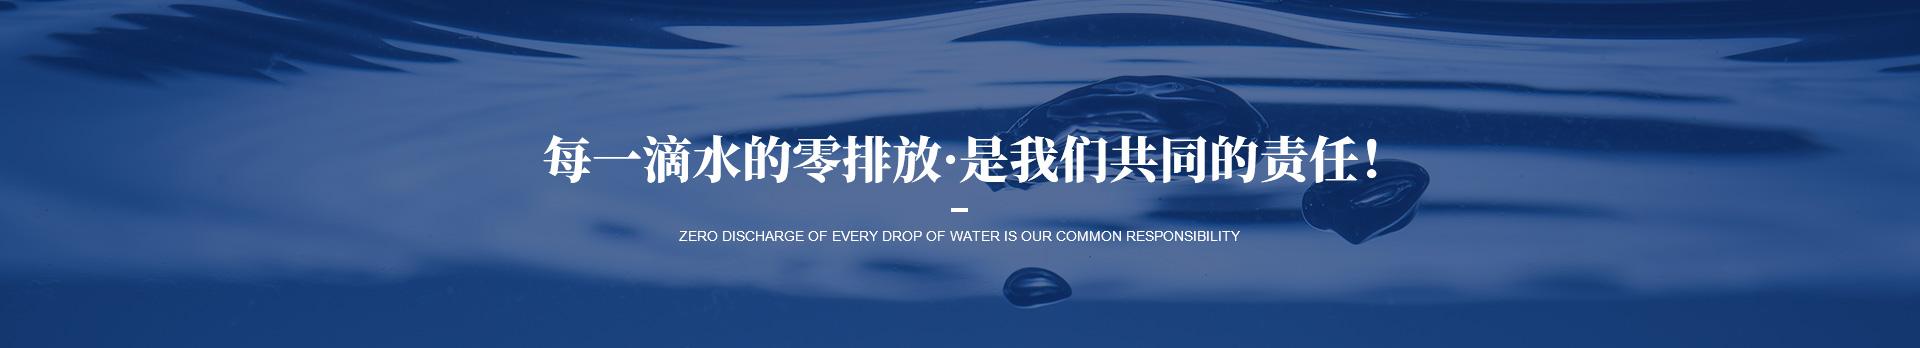 每一滴水的零排放是我们依斯倍共同的责任